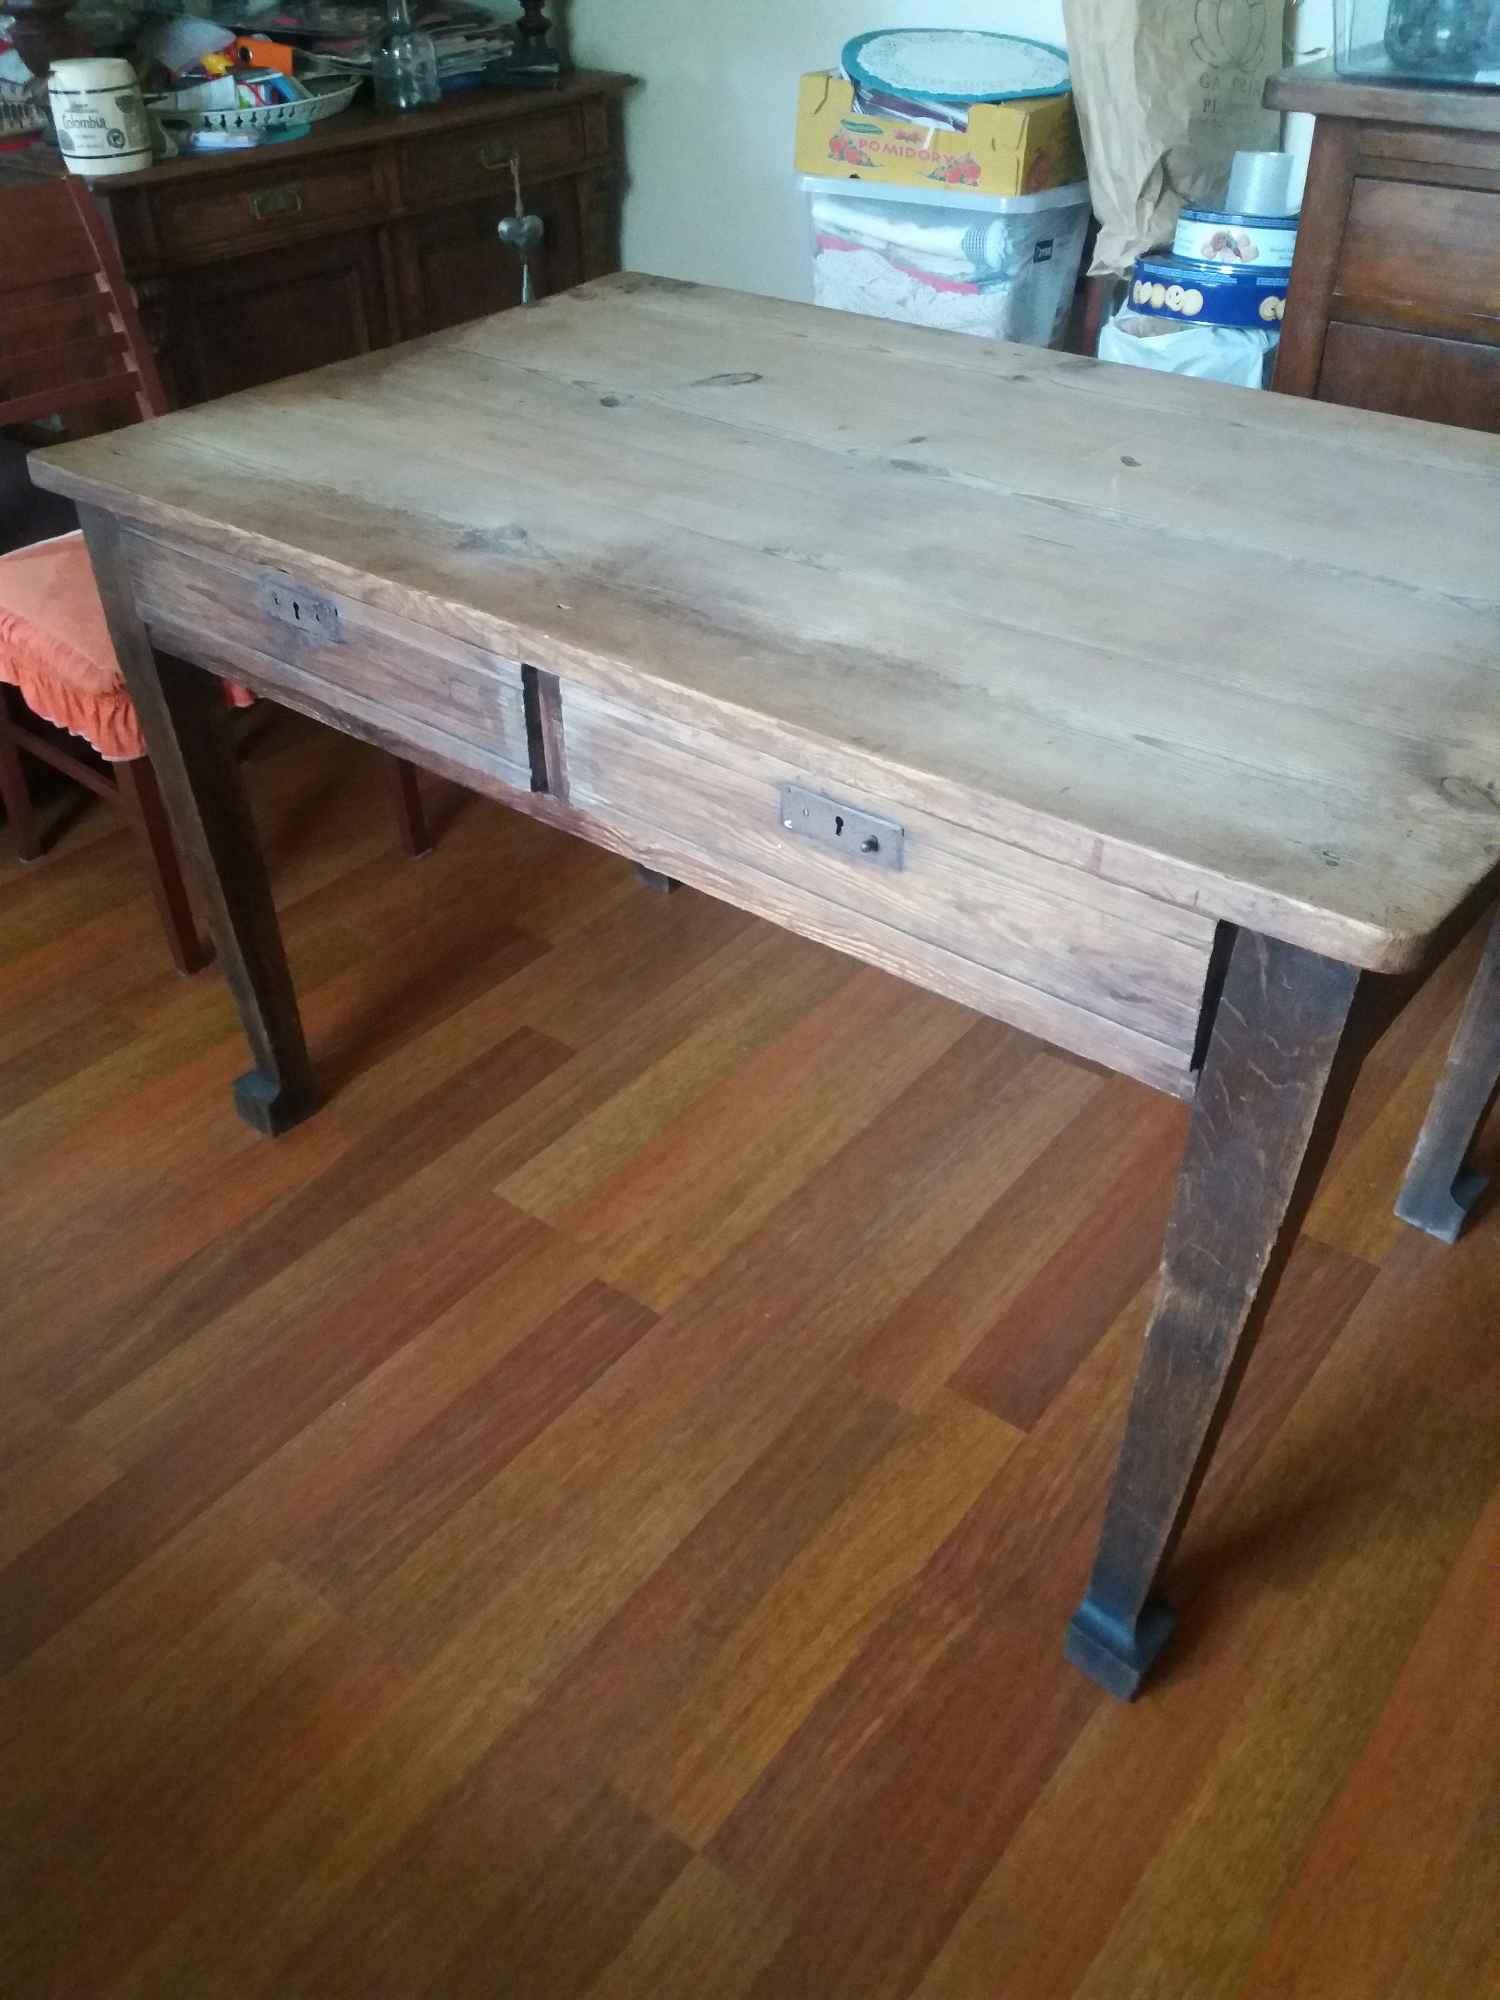 Sprrzedam stół do renowacji Ostrowiec Świętokrzyski - zdjęcie 5